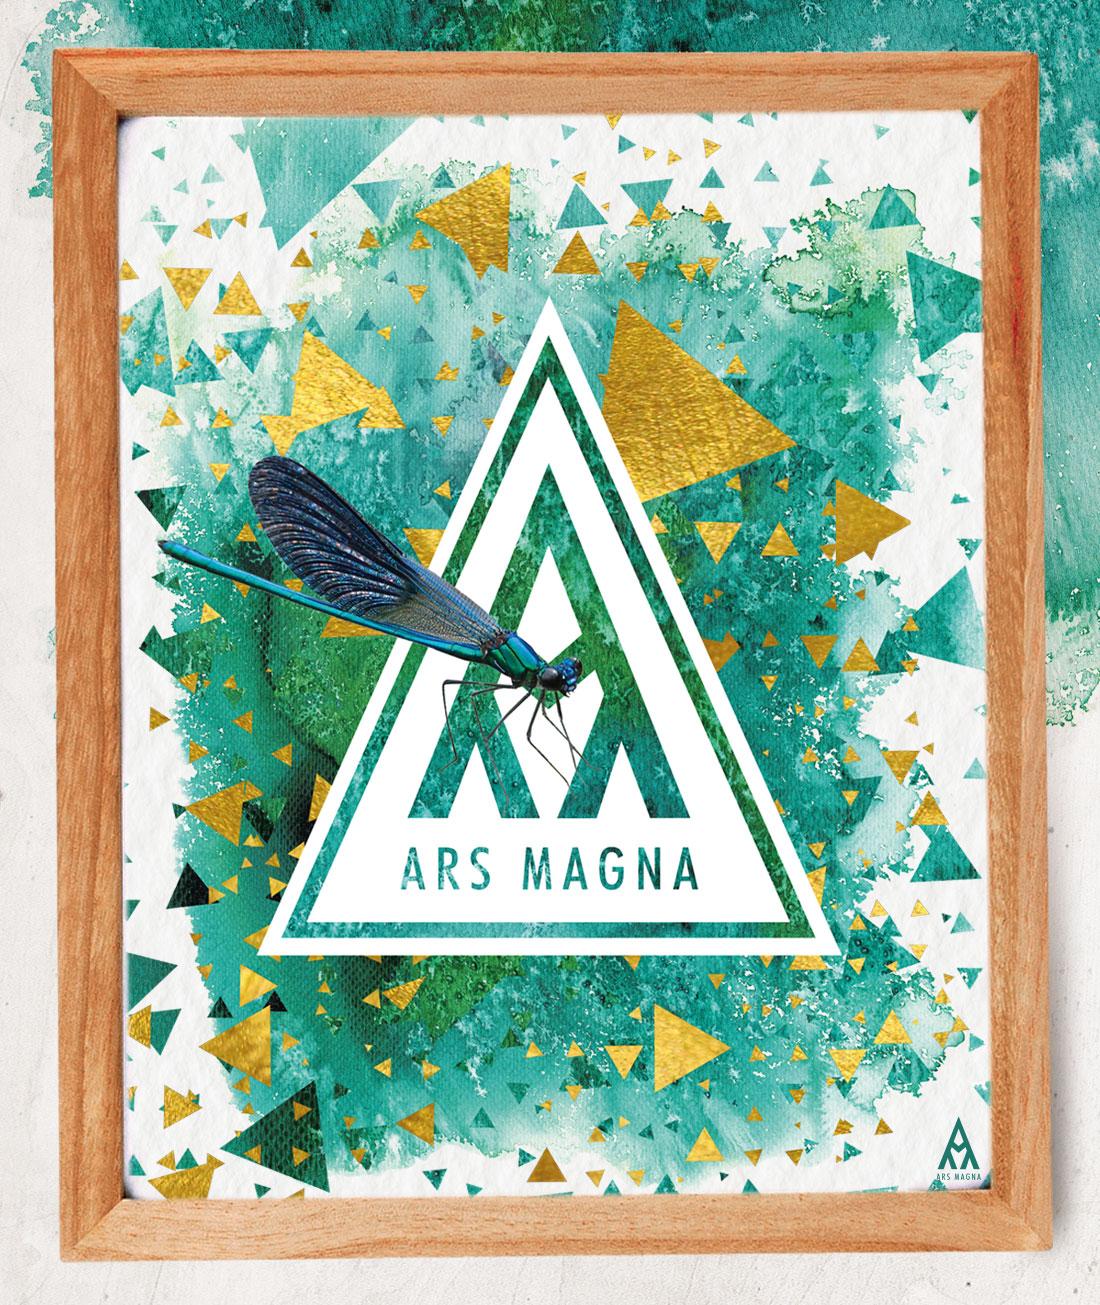 Ars Magna Design Watercolor Kunstdruck Motiv Emerald Prism